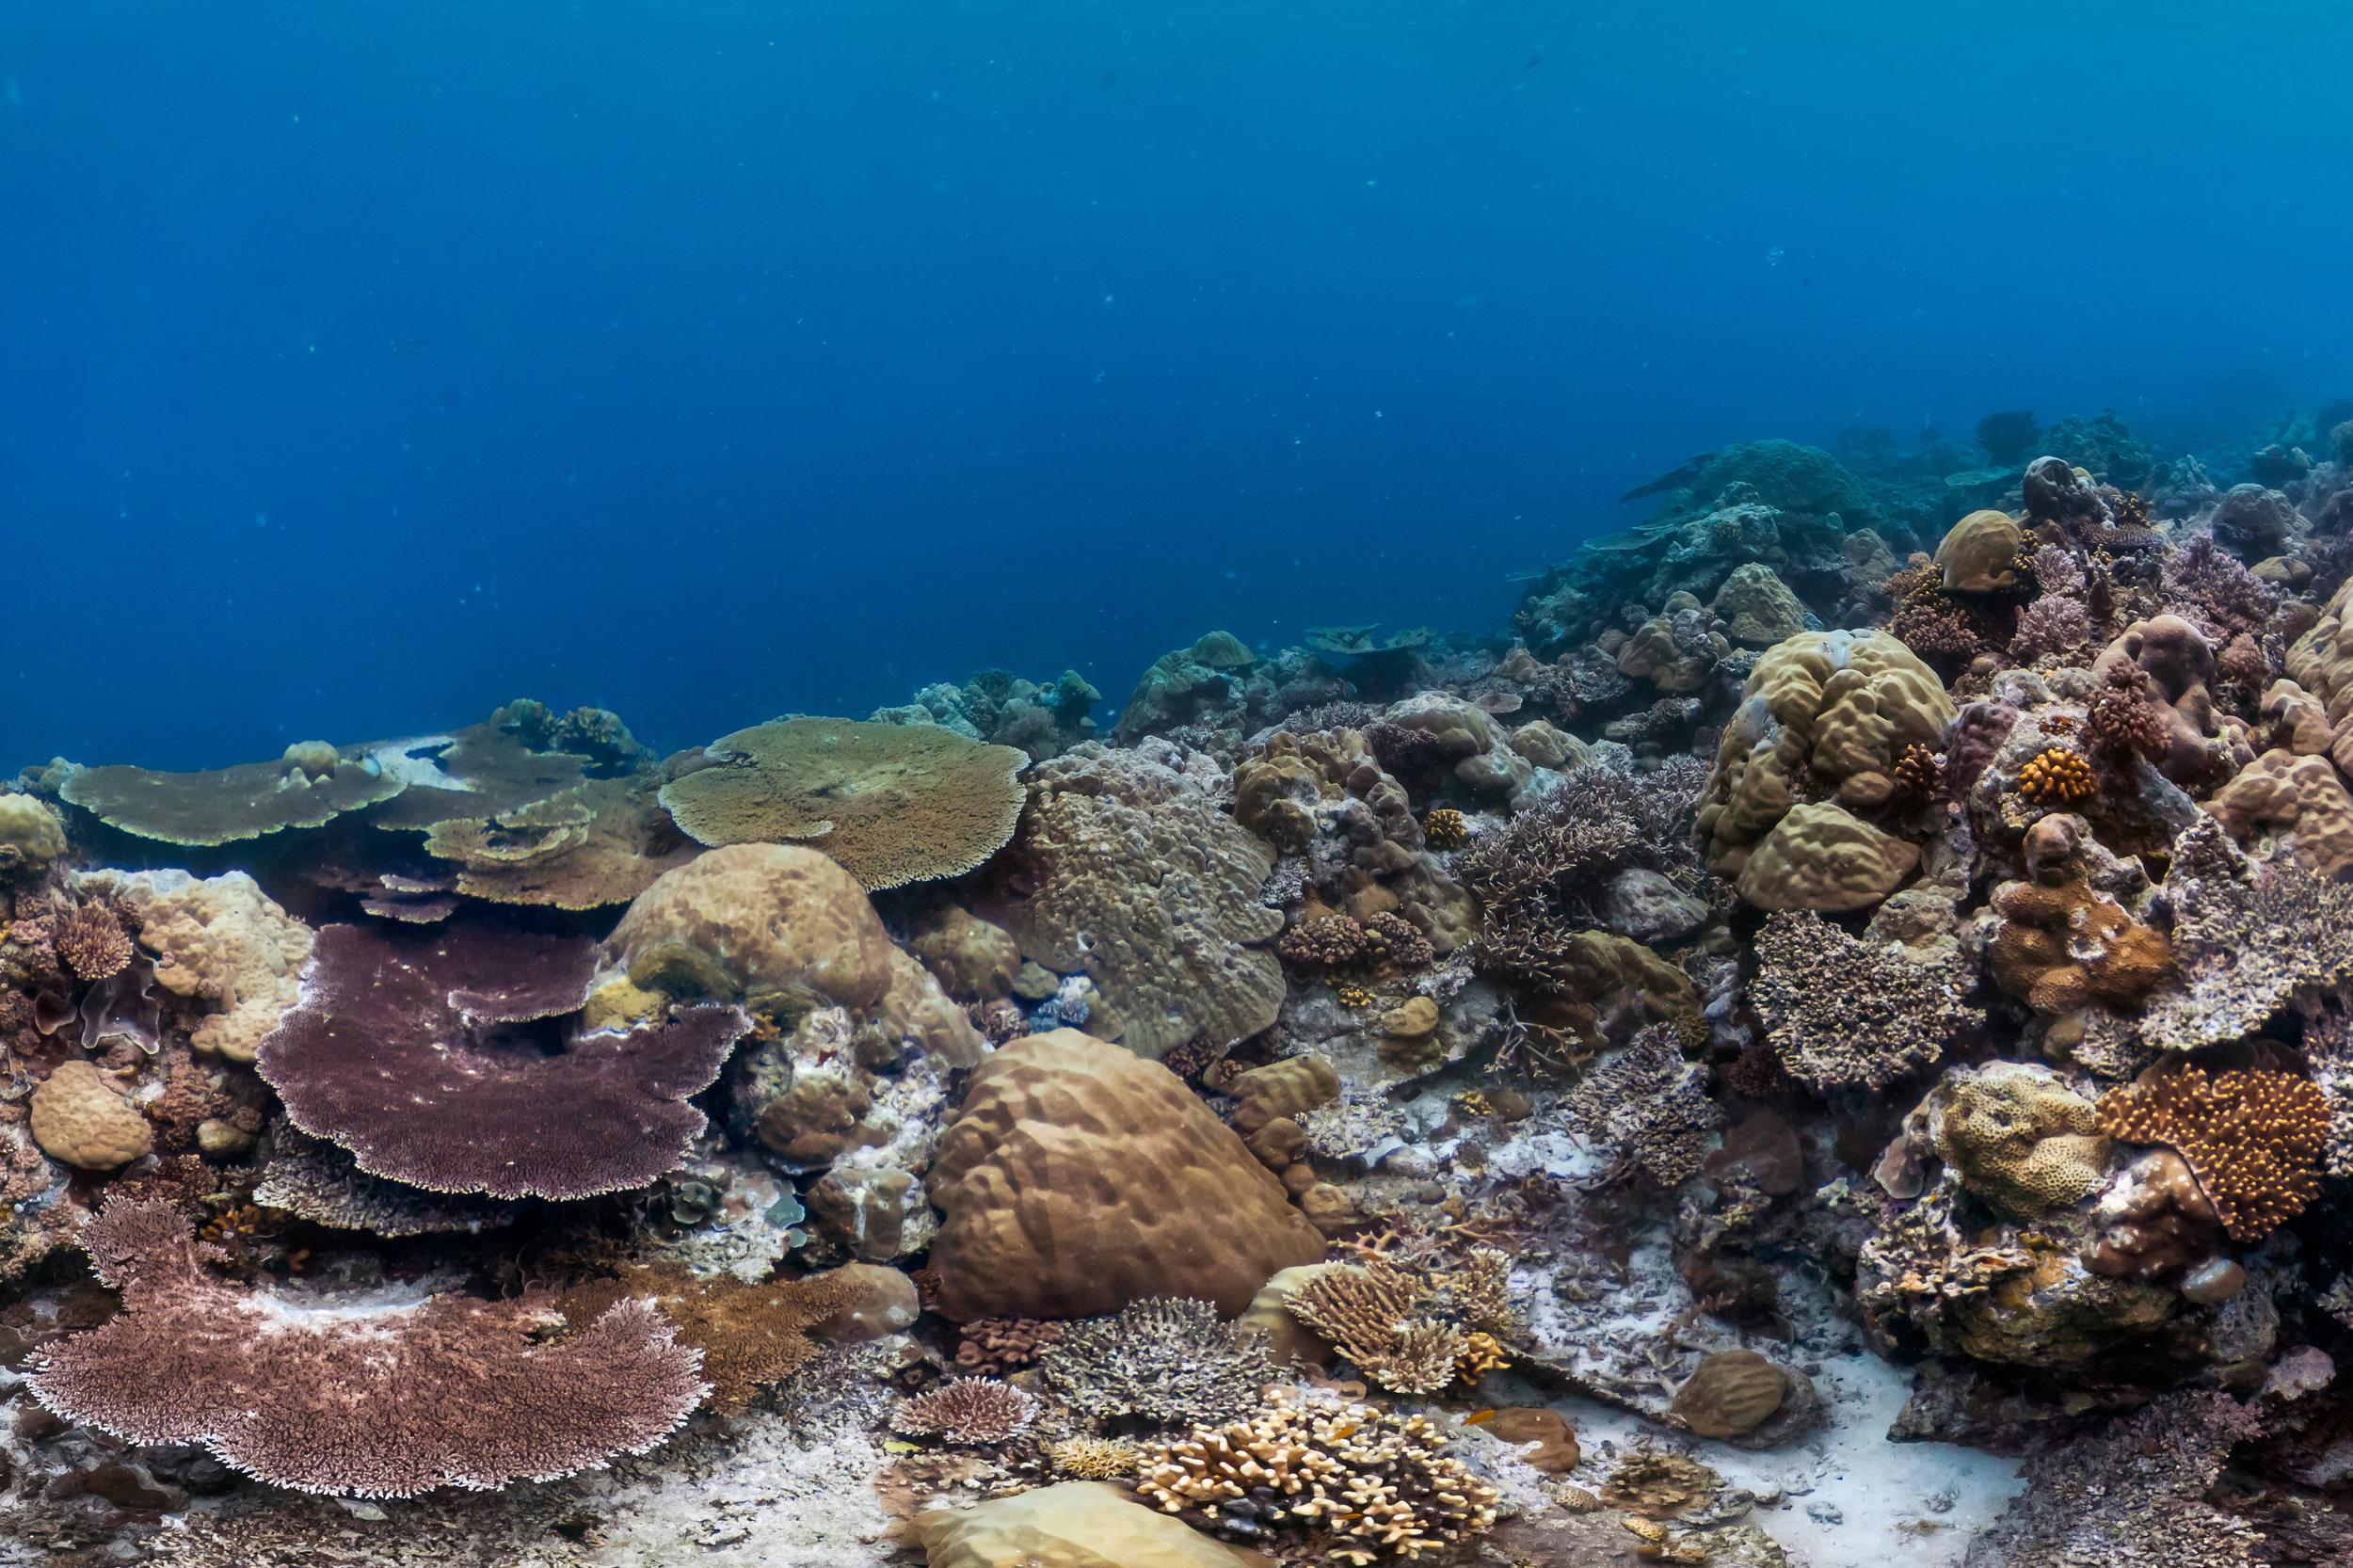 PALAU credit: Jayne Jenkins / coral reef image bank